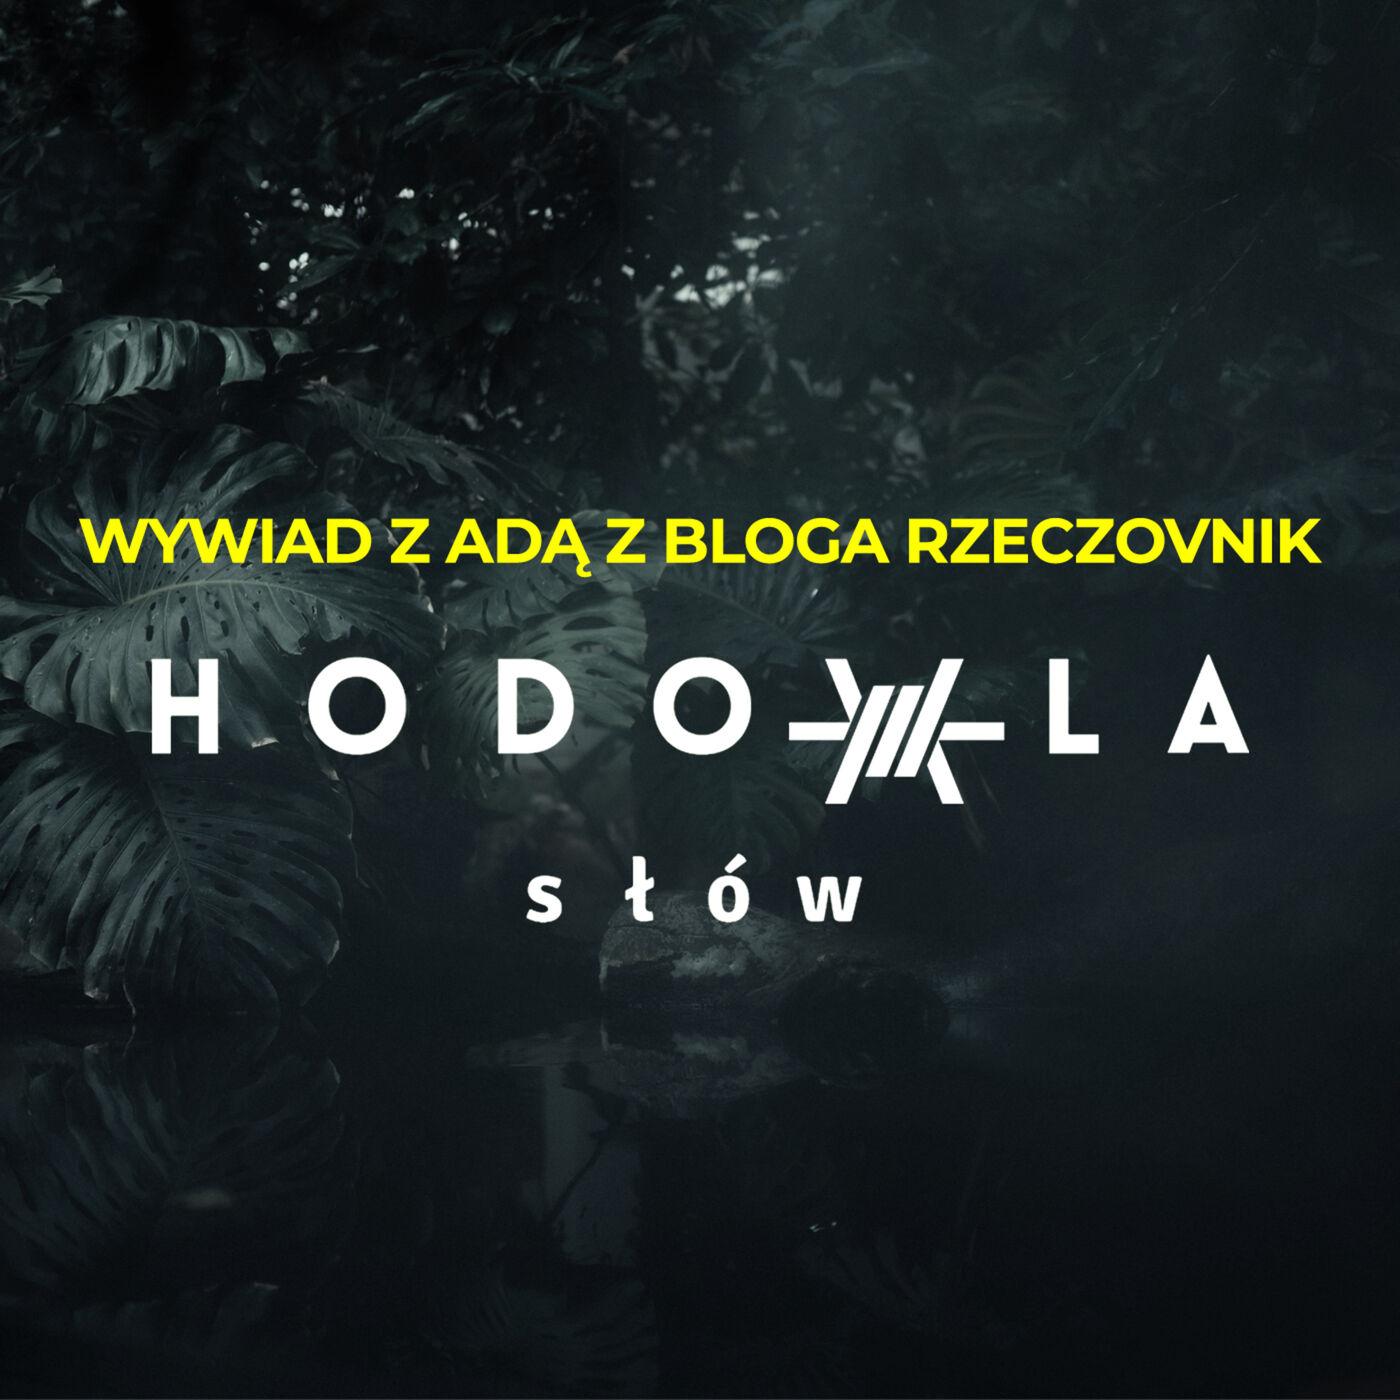 Ady Kosterkiewicz- Rzeczovnik wywiad ze mną, o pomaganiu zwierzętom w czasach pandemii